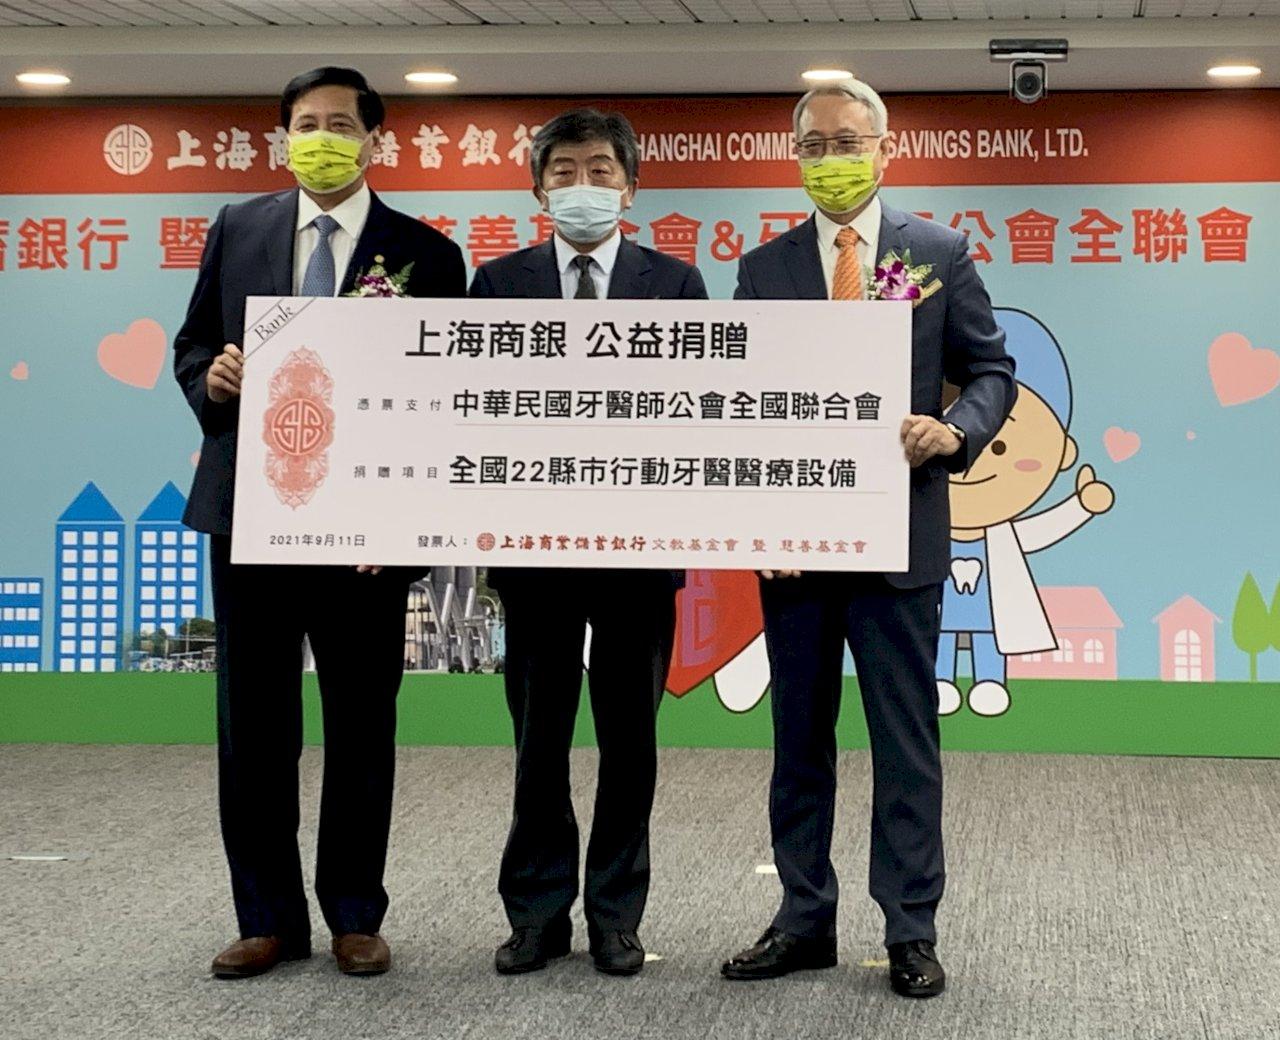 到宅醫療服務 上海商銀全額贊助全台22縣市攜帶式牙醫設備